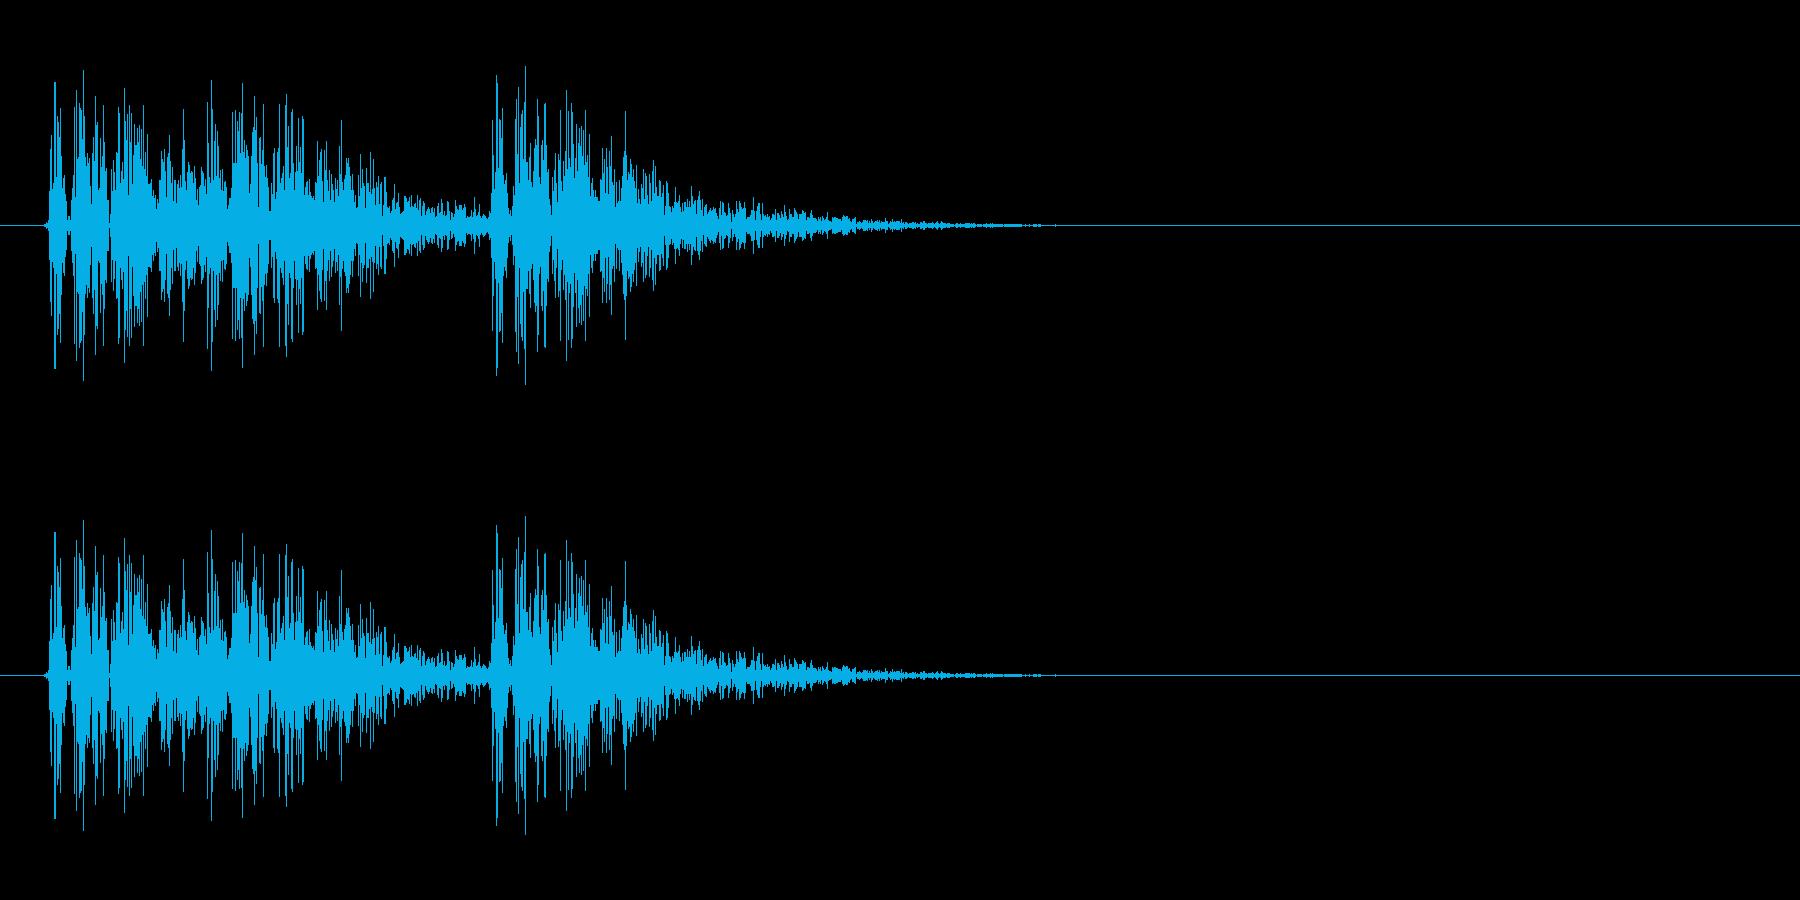 打撃音(3コンボ)の再生済みの波形